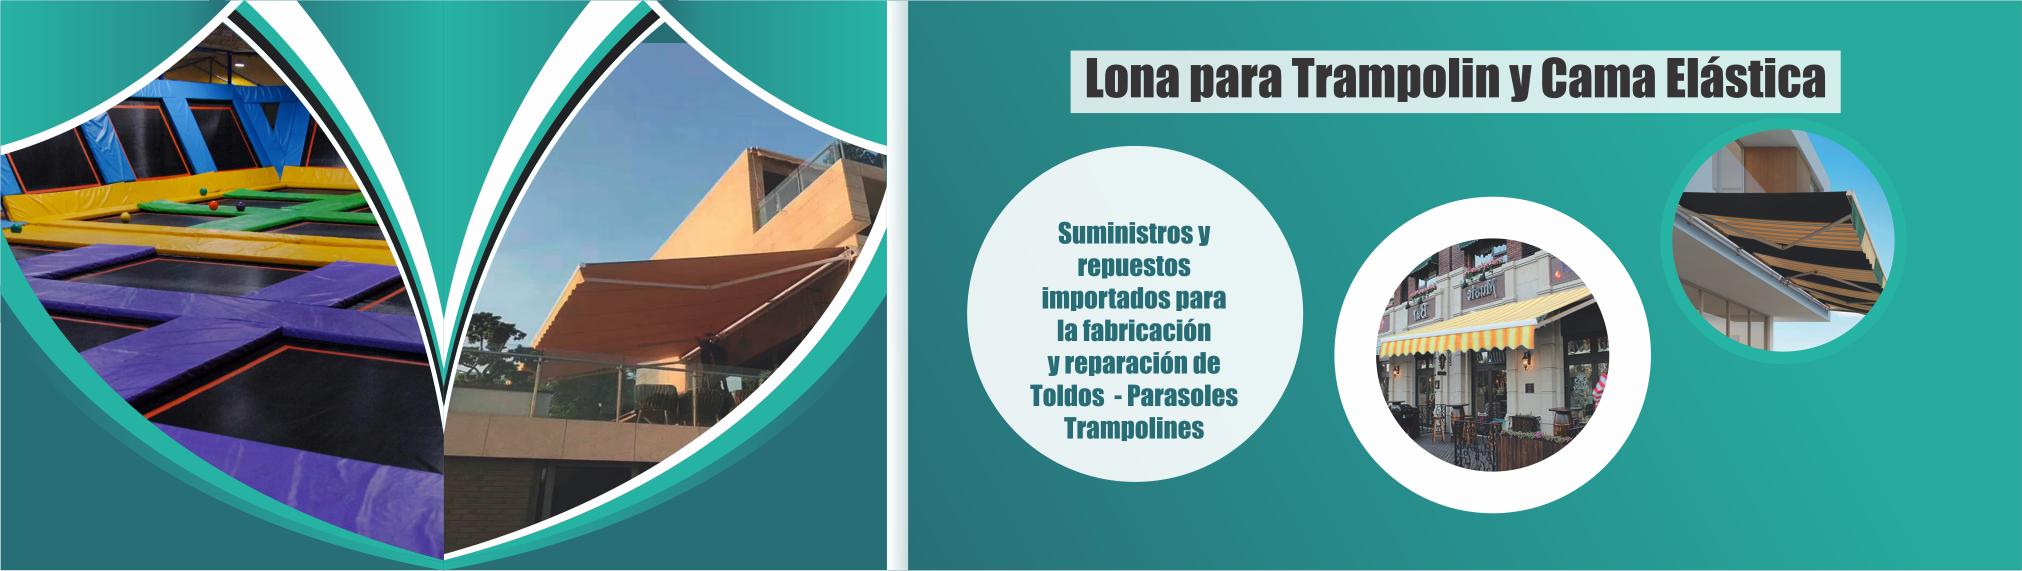 Lona para tyoldos, parasoles y trampolines - Traemos Innovación